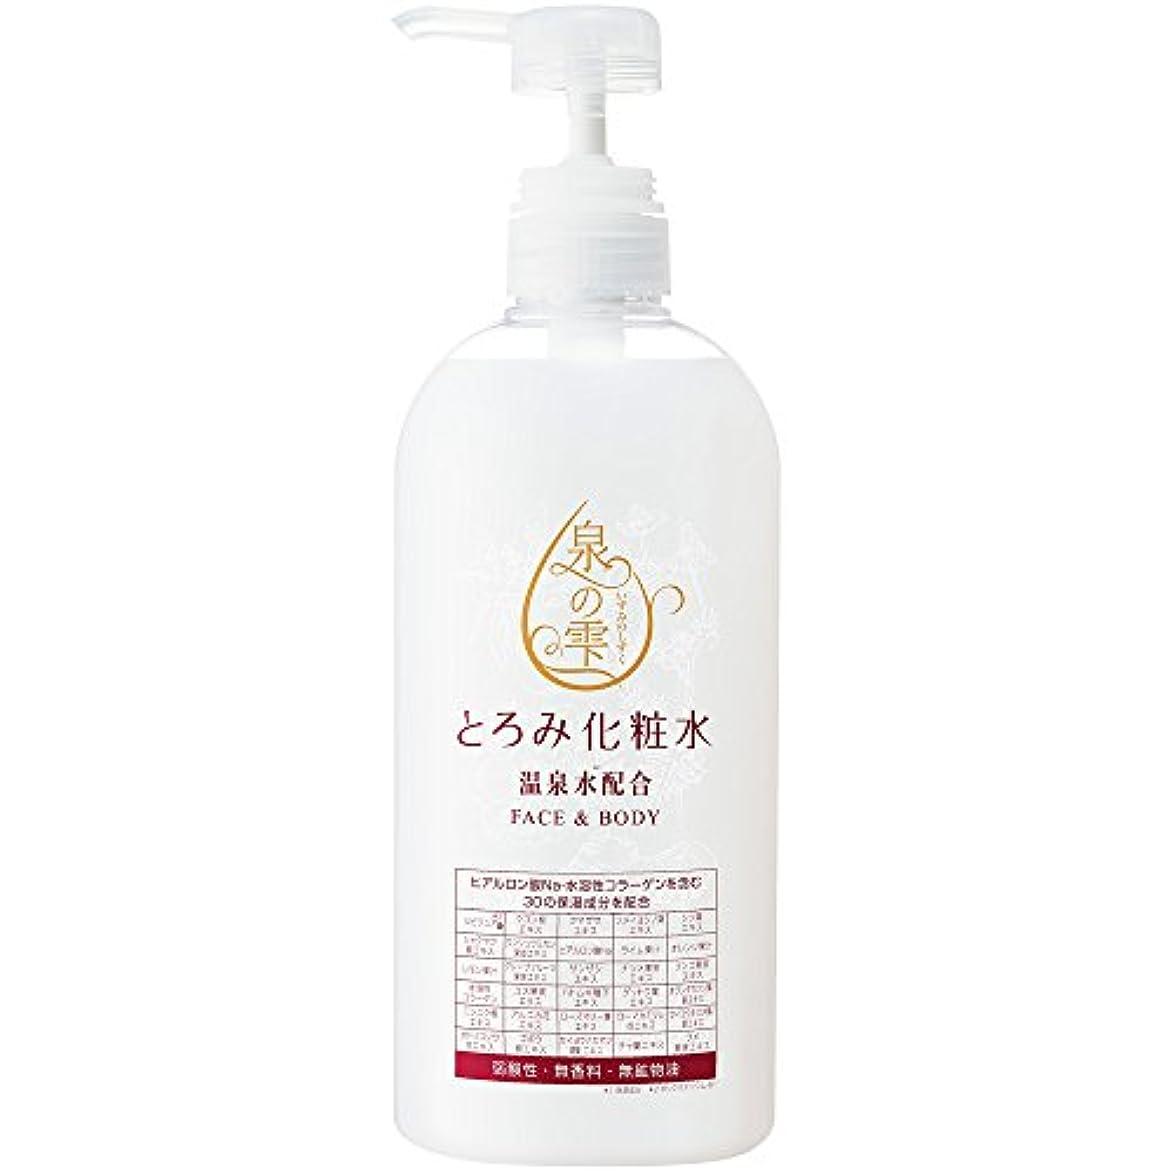 泉の雫(いずみのしずく)とろみ化粧水 700ml